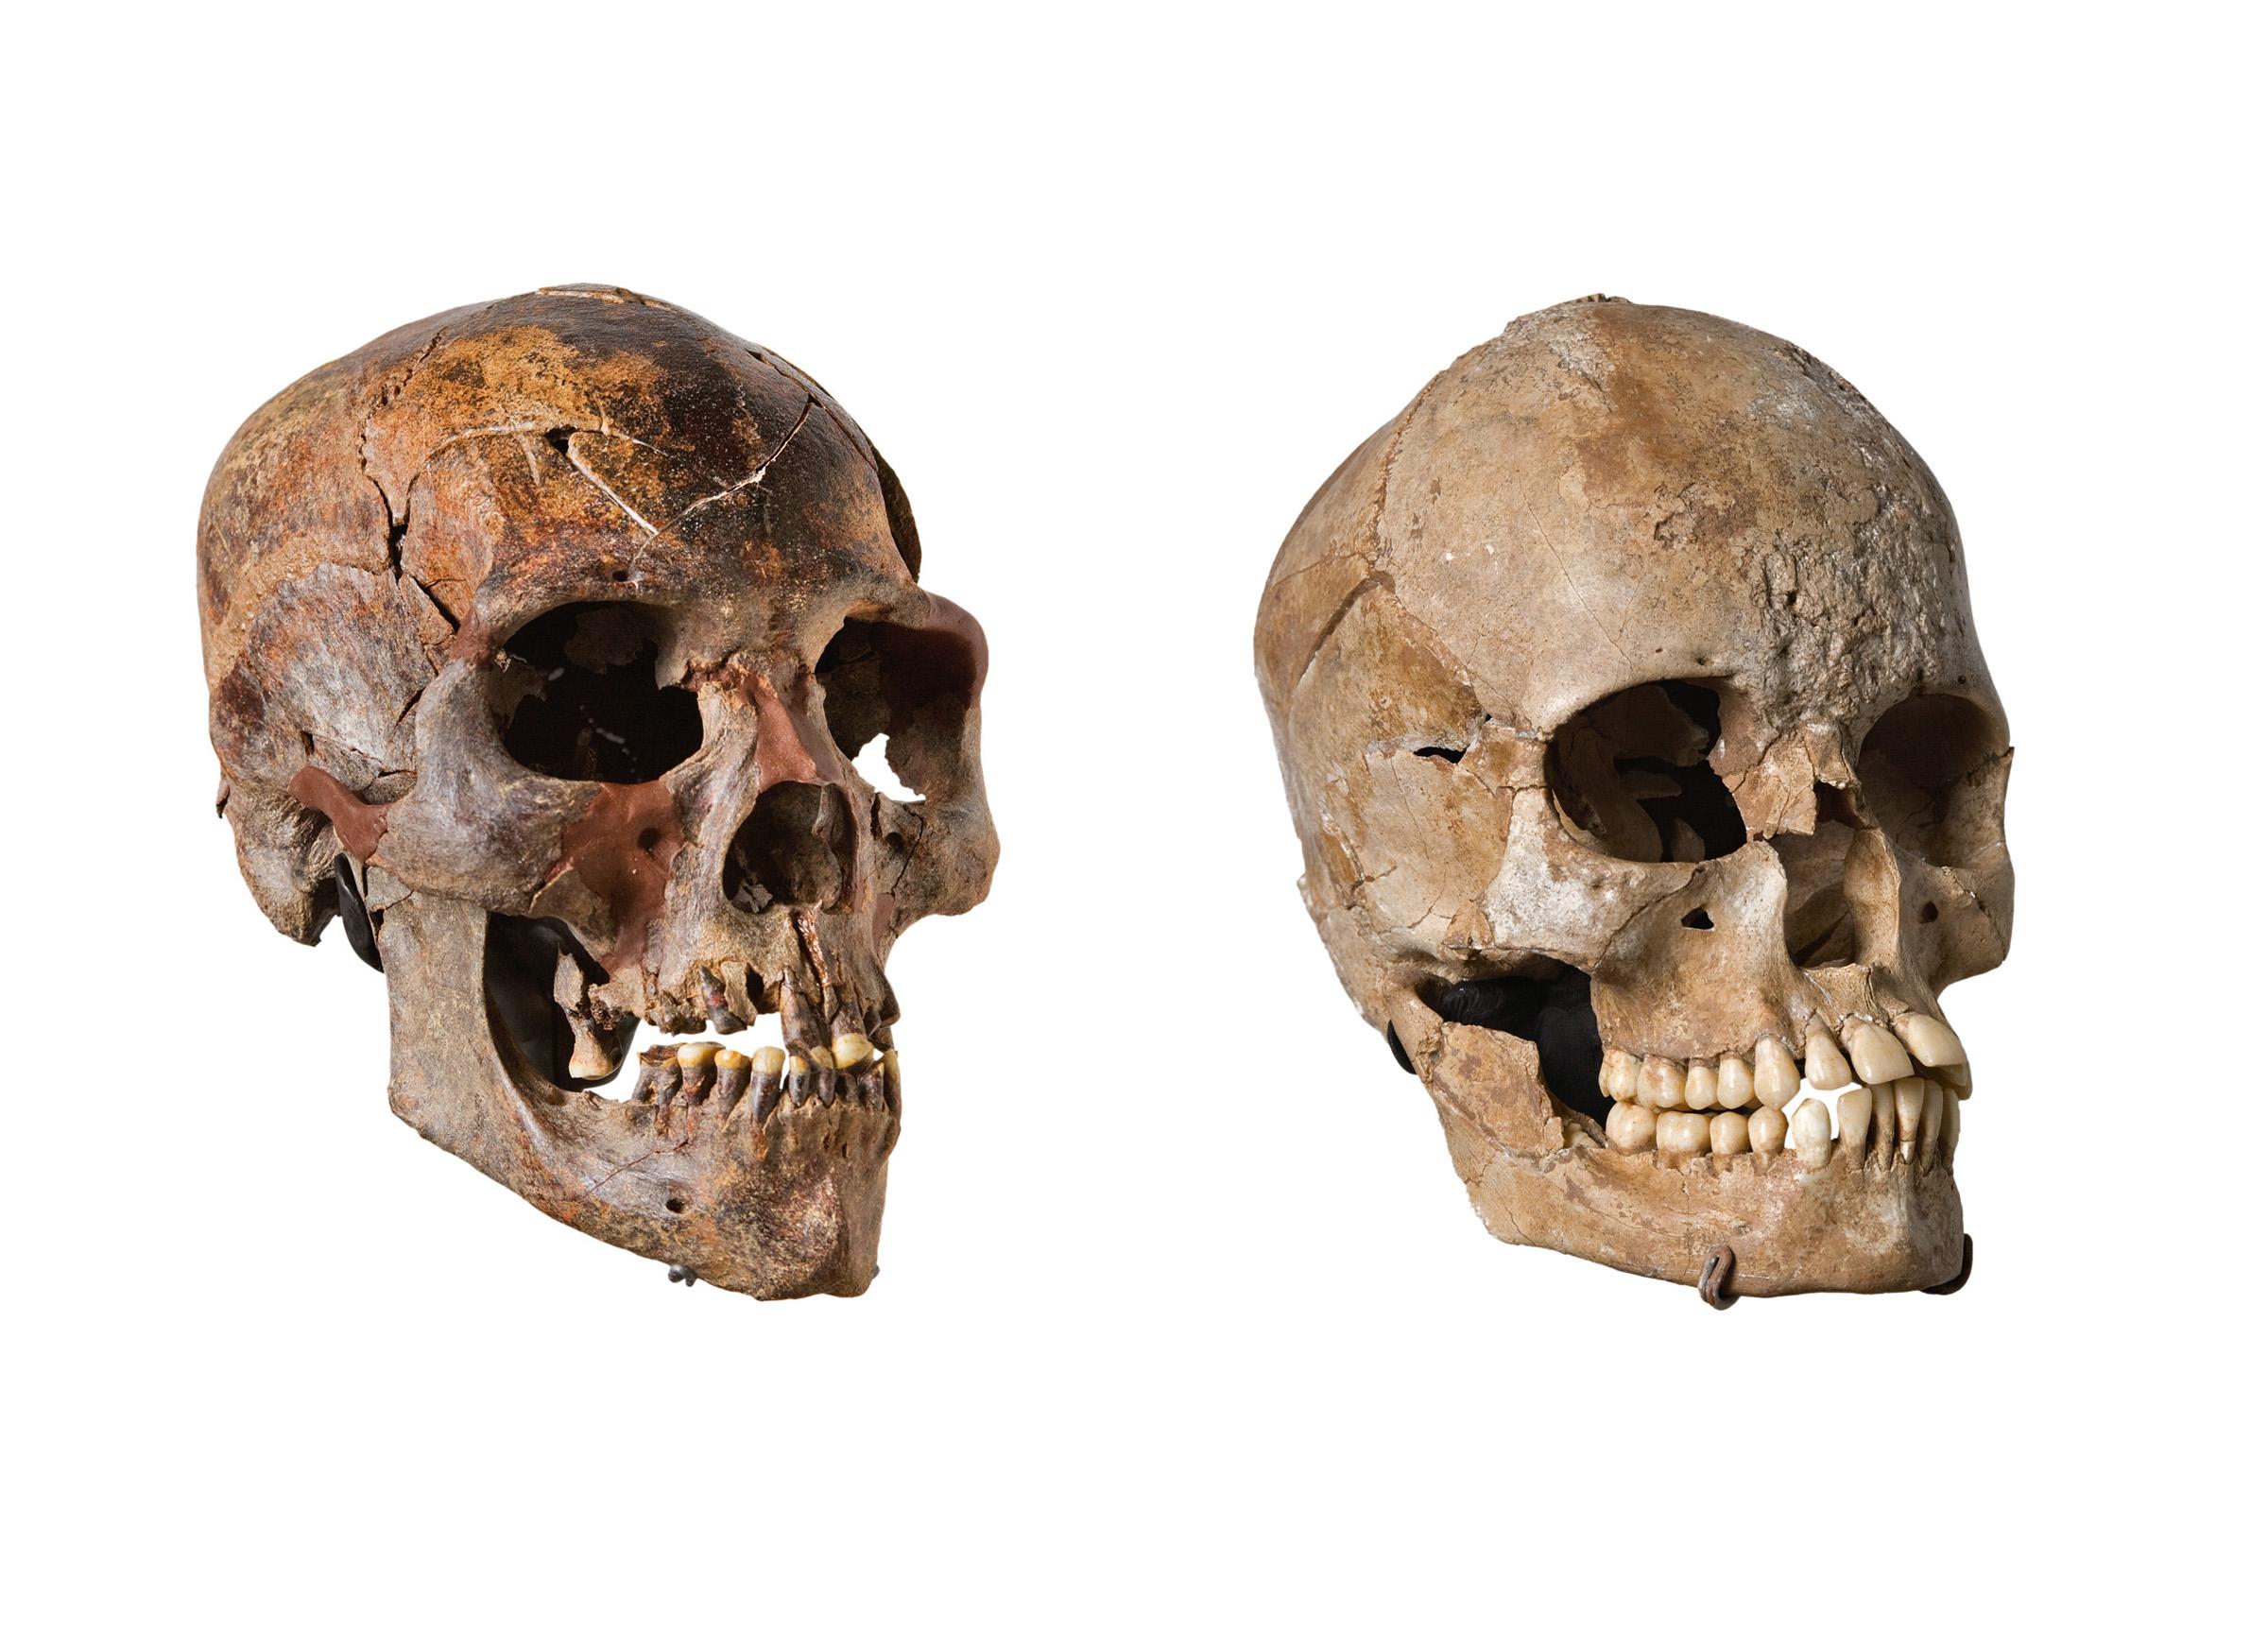 Kiffian (9,500 year old) Skull vs Tenereian (5,800 year old) Skull from Gobero, Niger